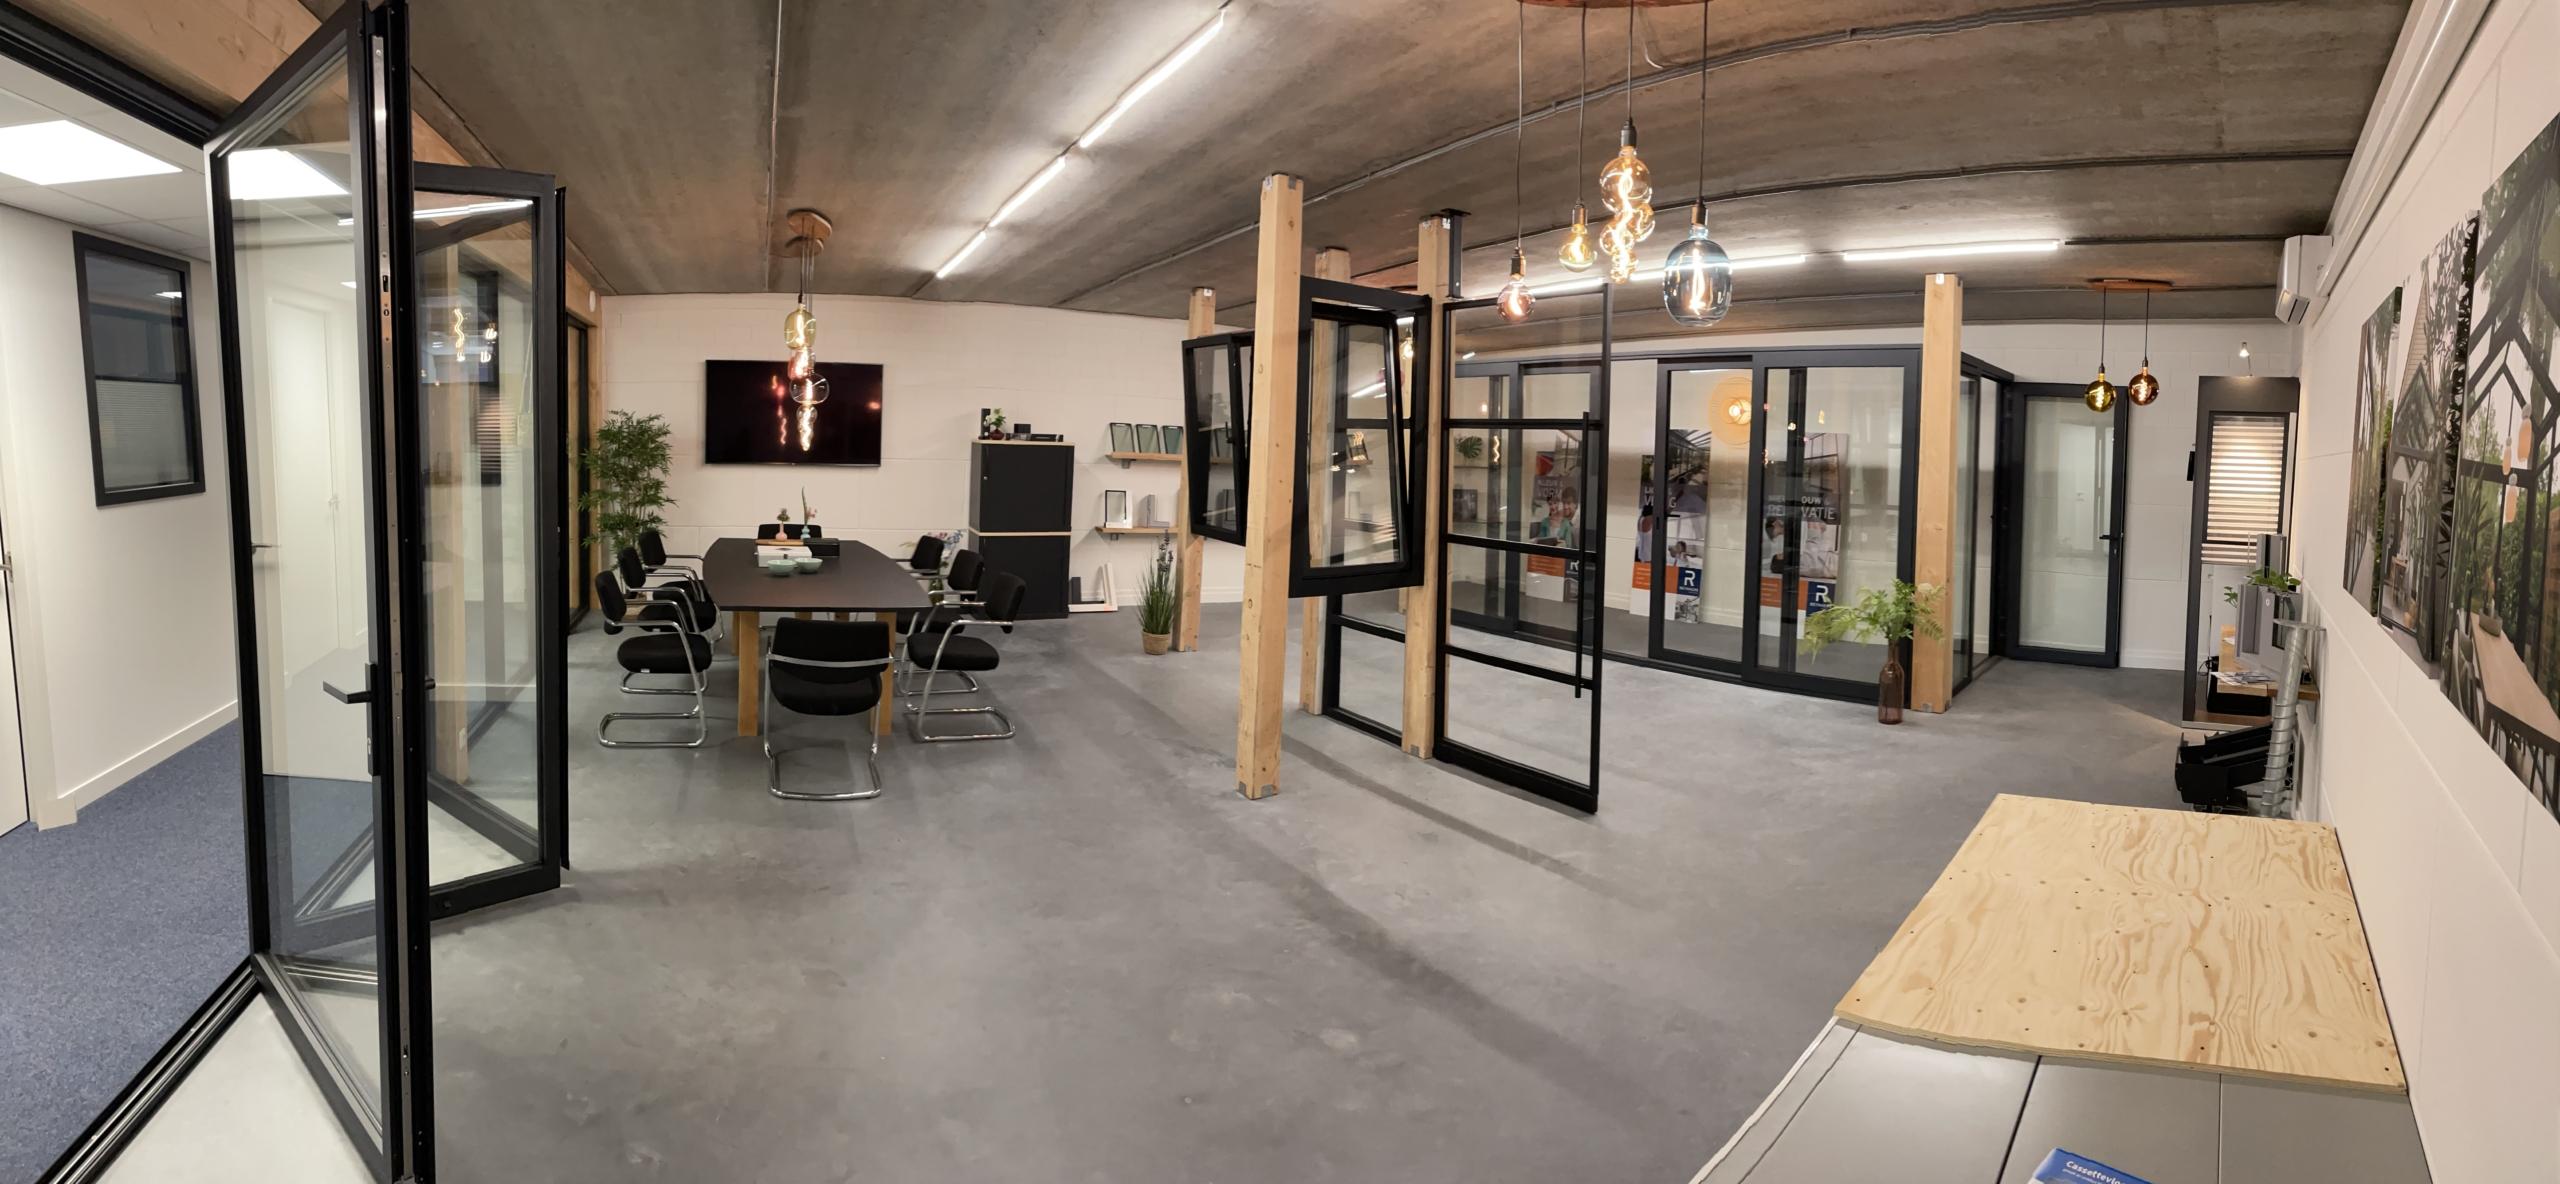 Wij Realiseren showroom